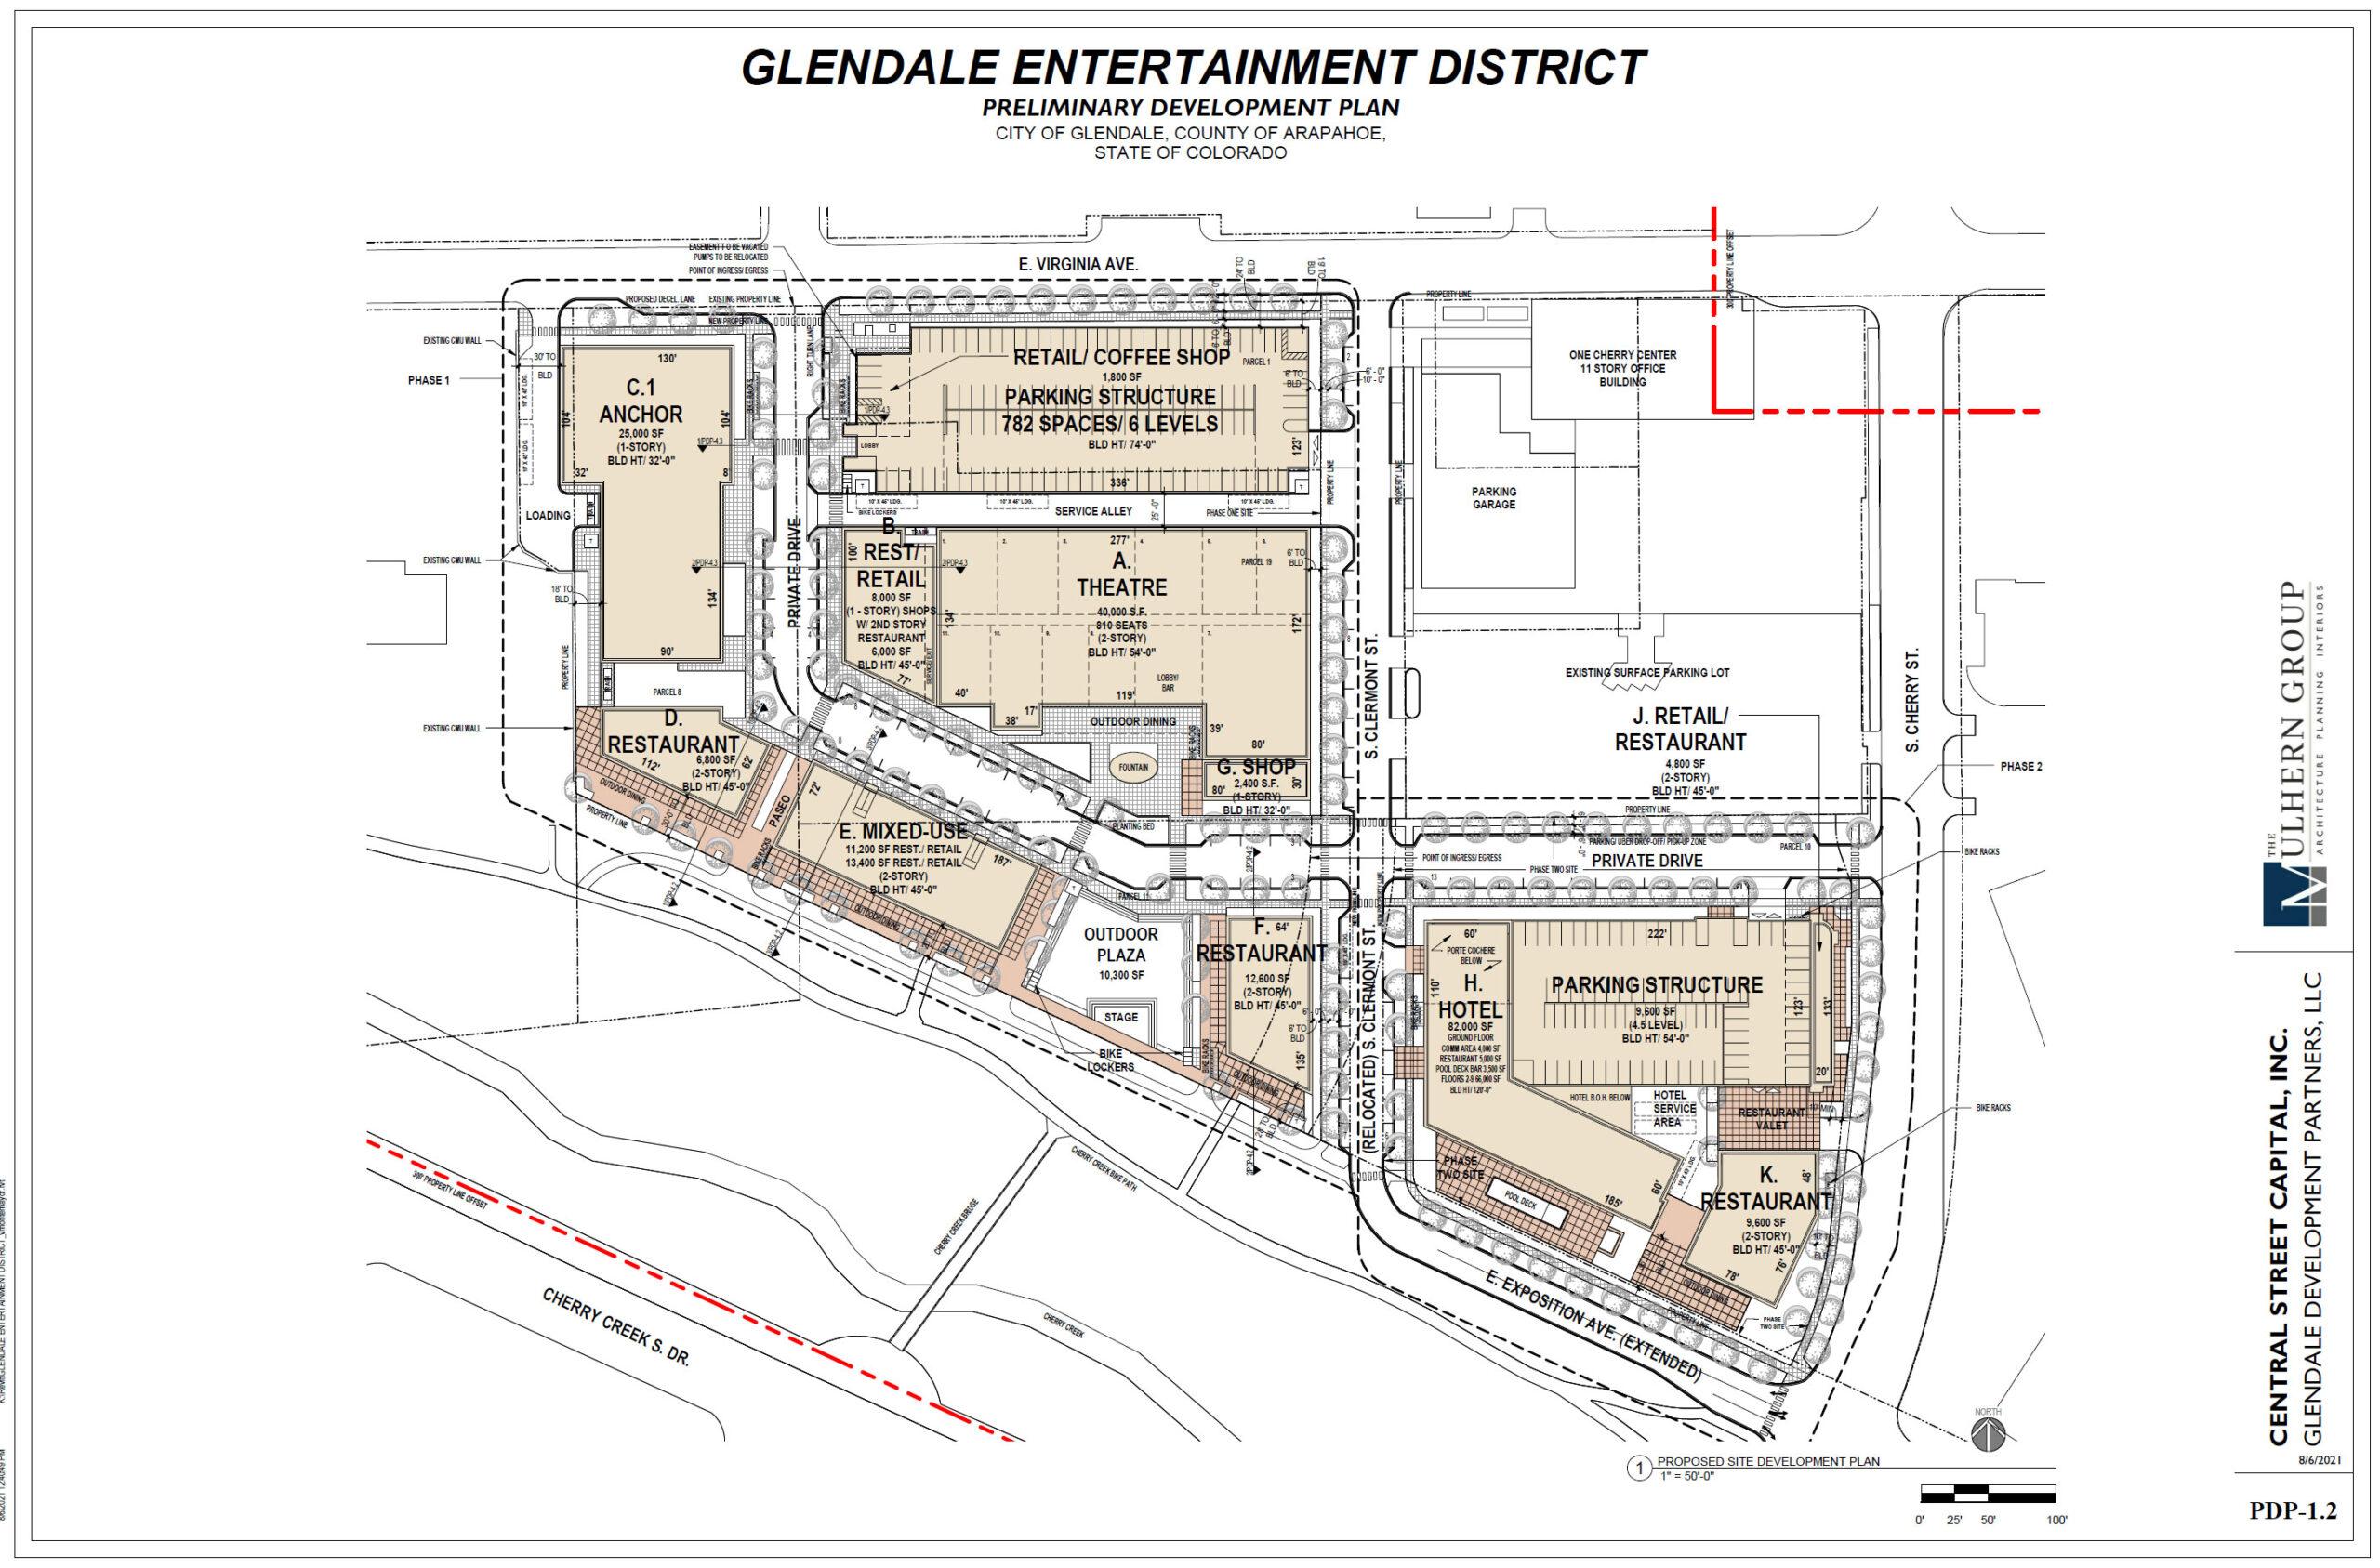 Glendale Site Plan